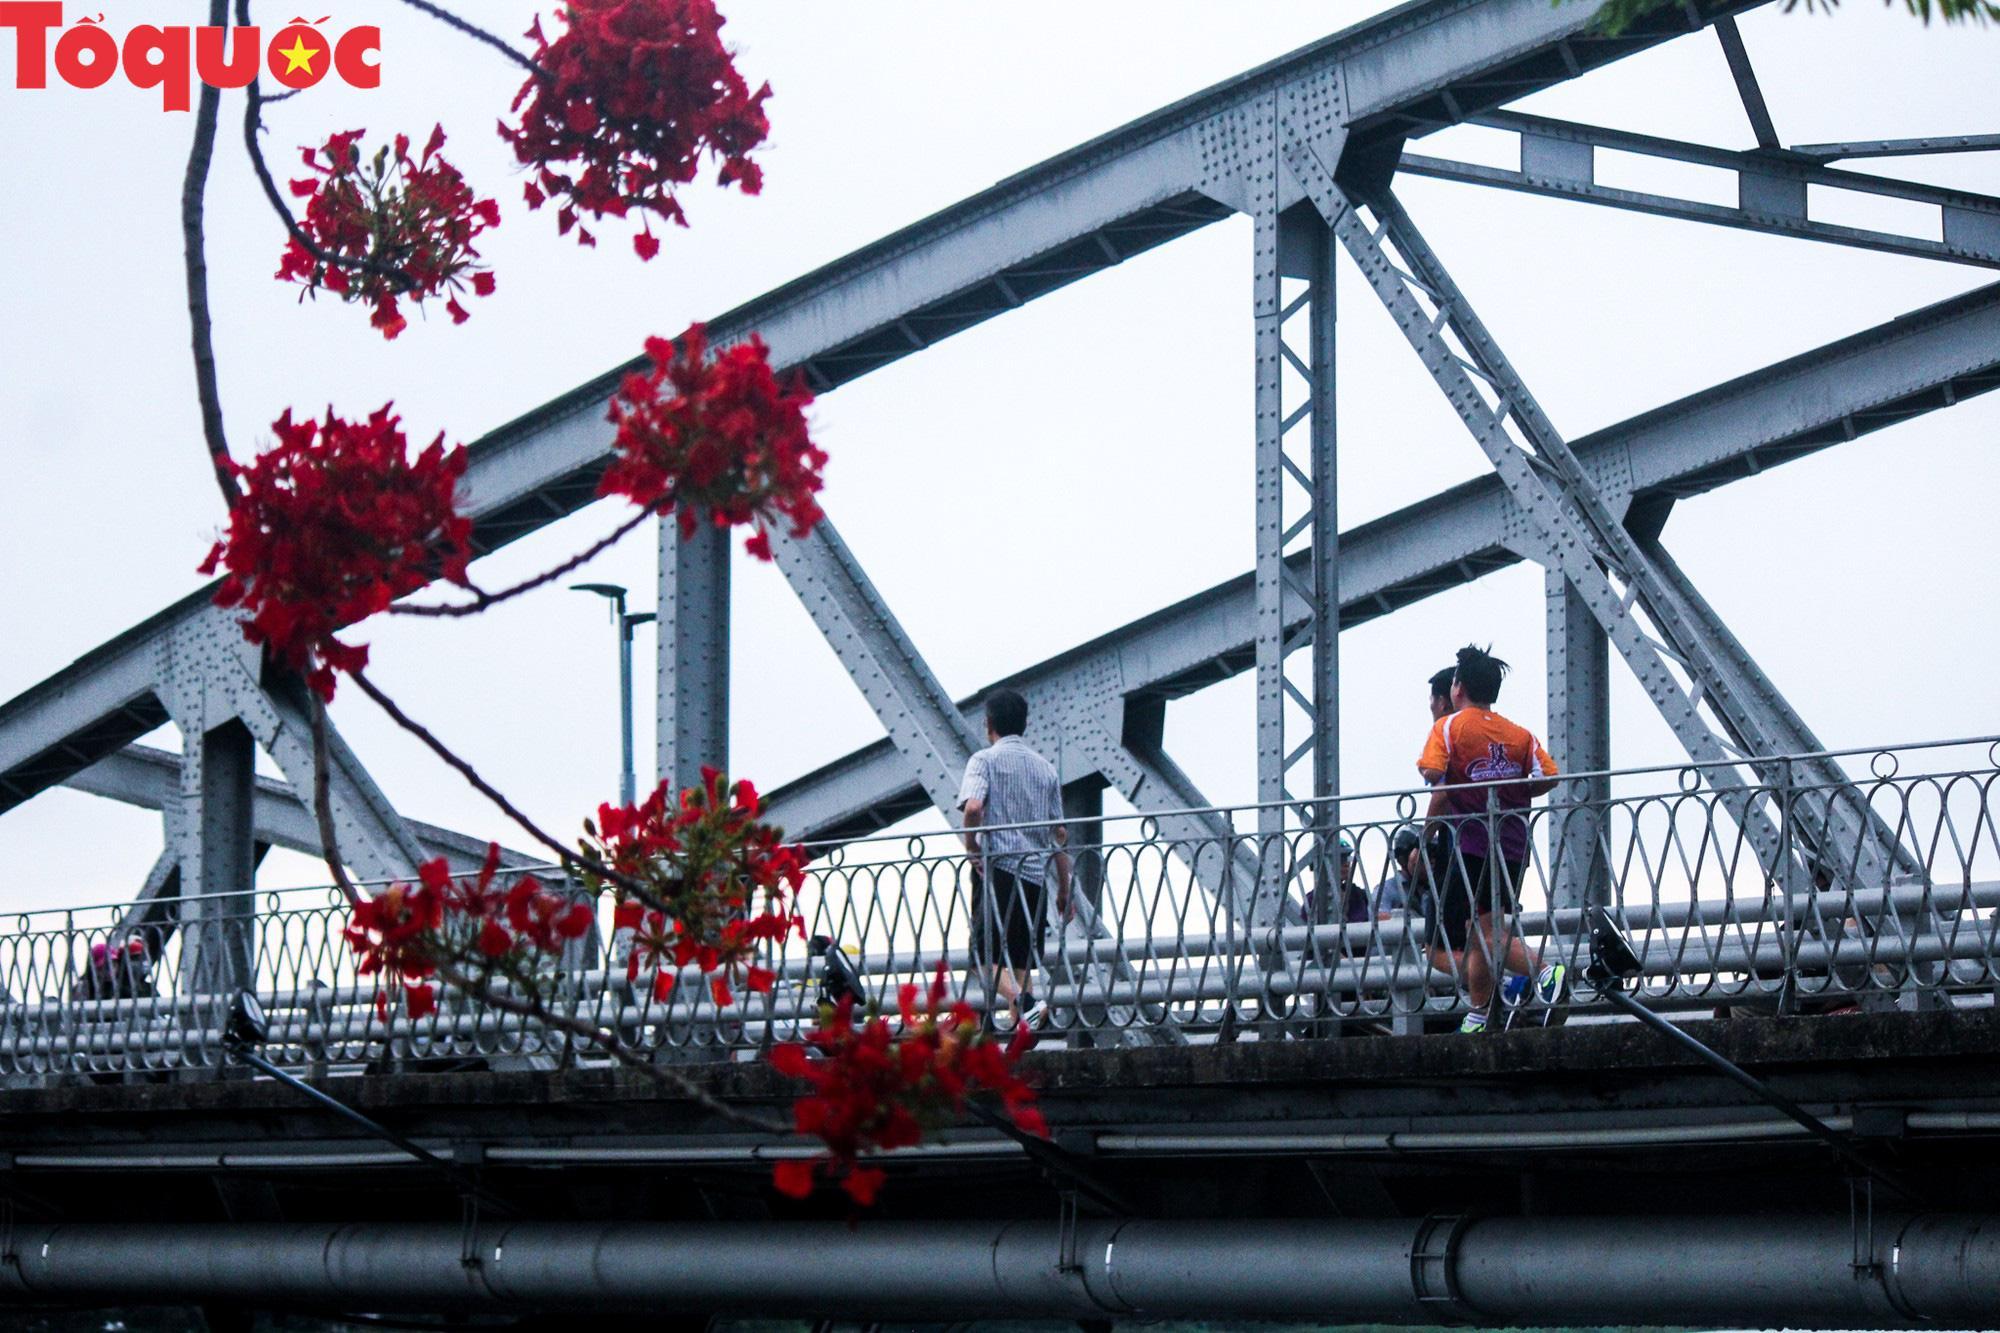 Đất trời xứ Huế đẹp rực rỡ trong mùa phượng vĩ nở hoa Ảnh 20